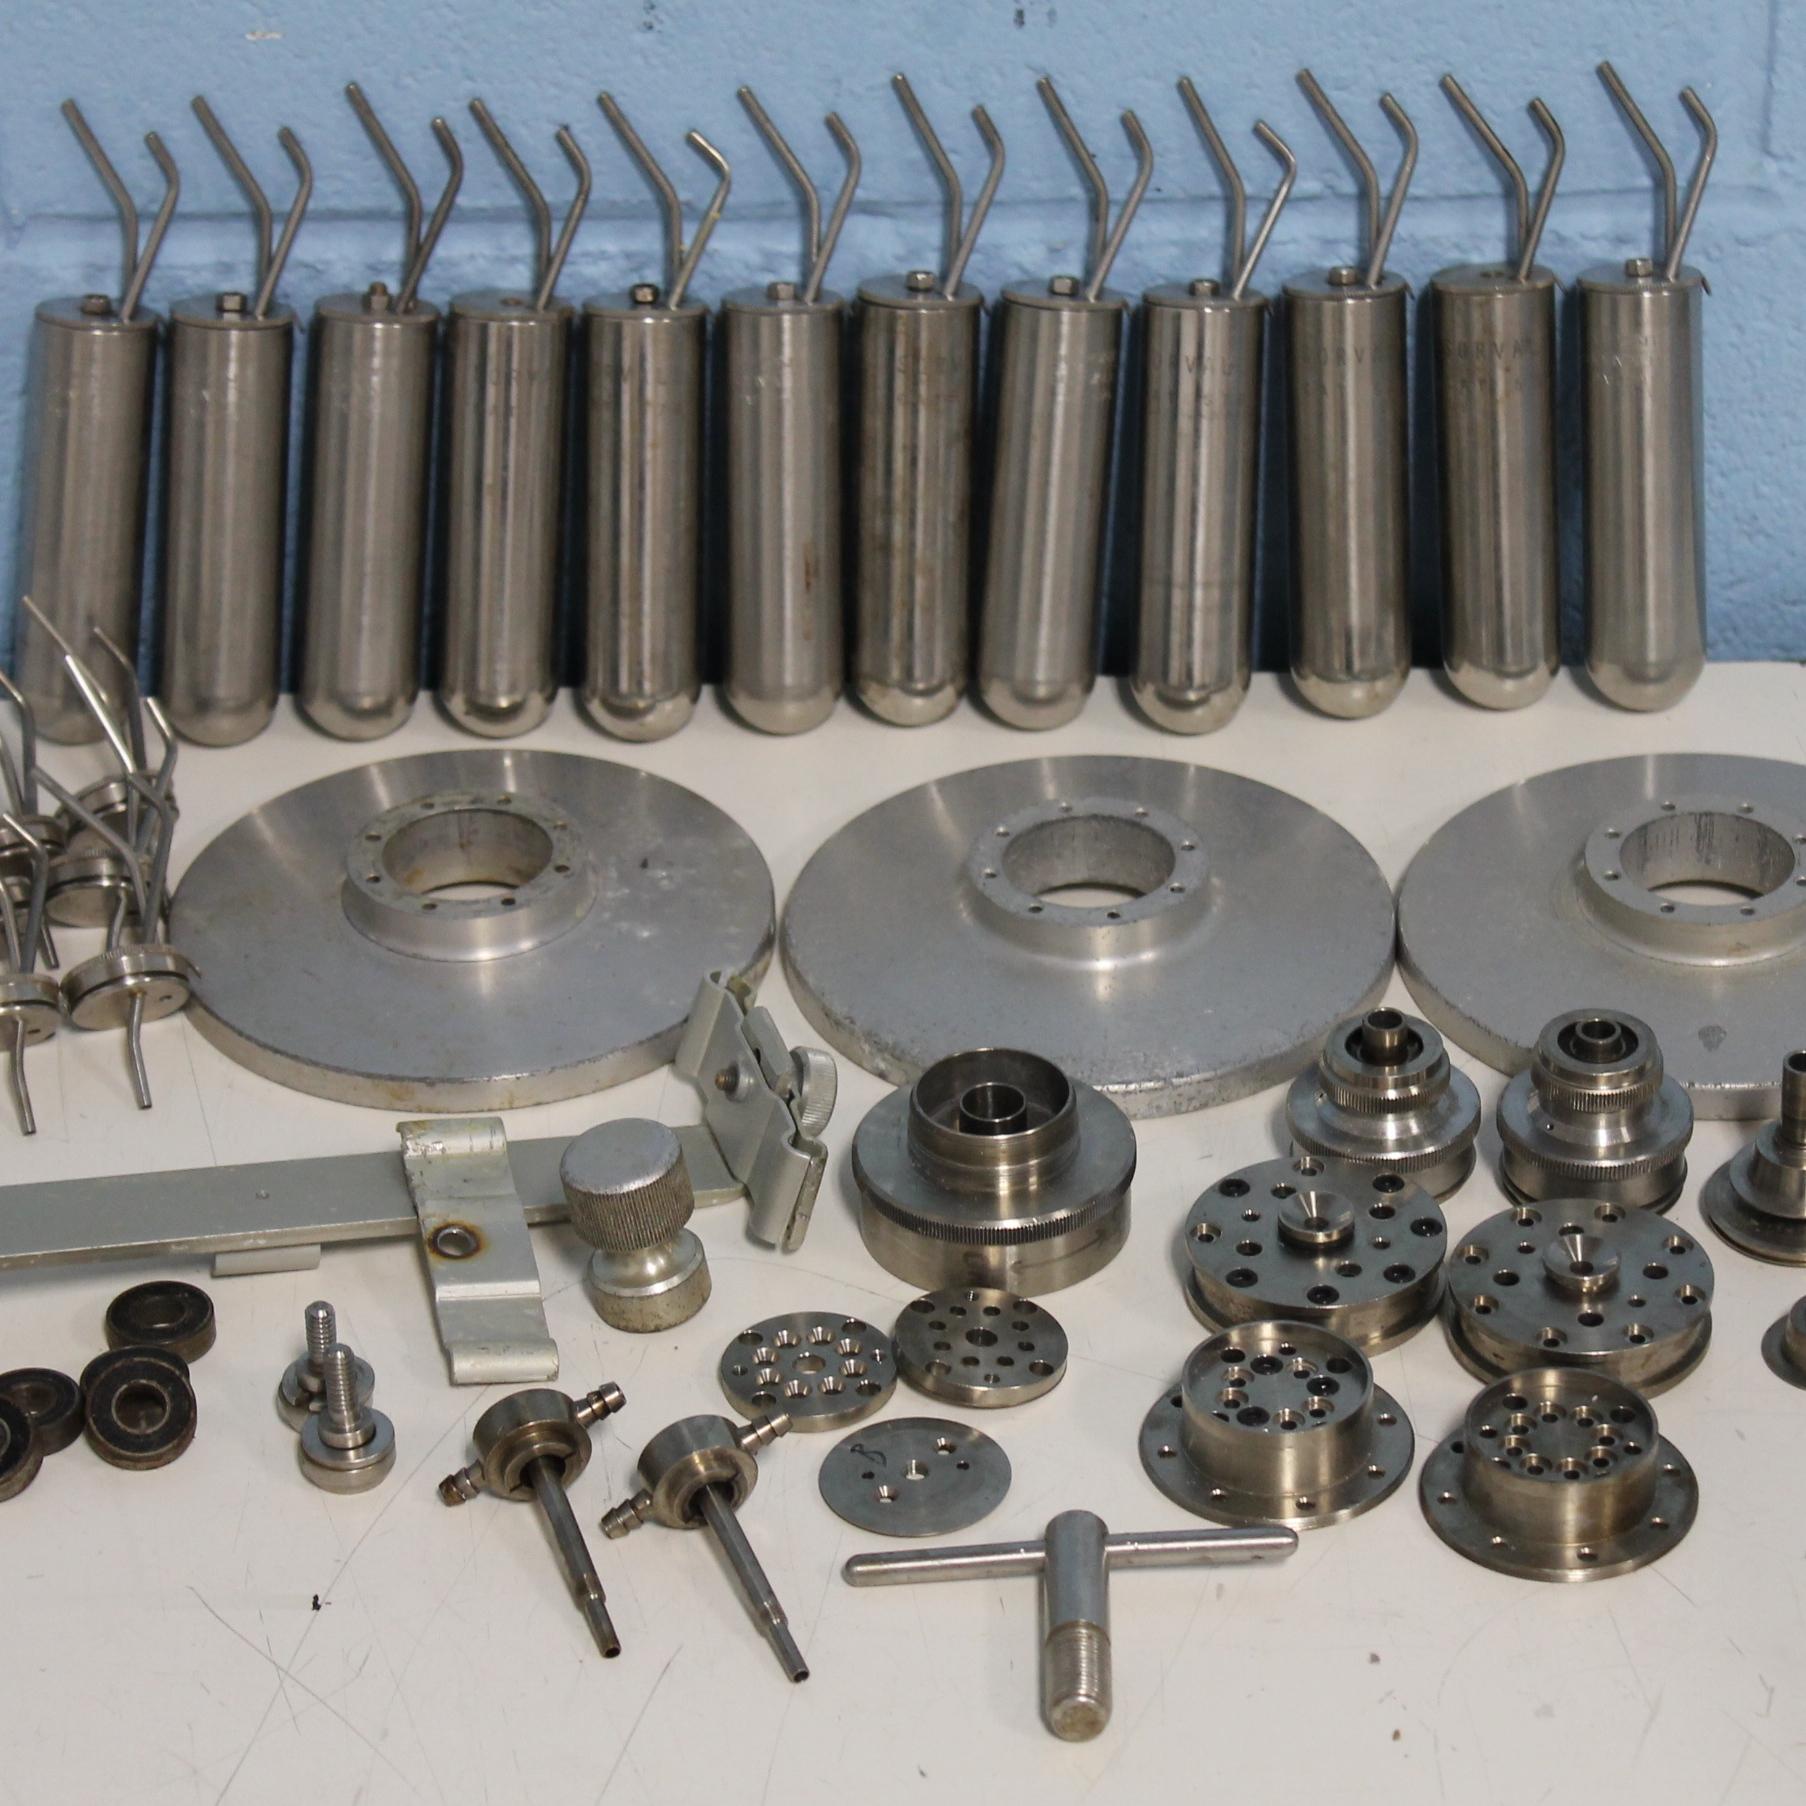 Model 579 Stainless Steel Centrifuge Sample Tubes Name